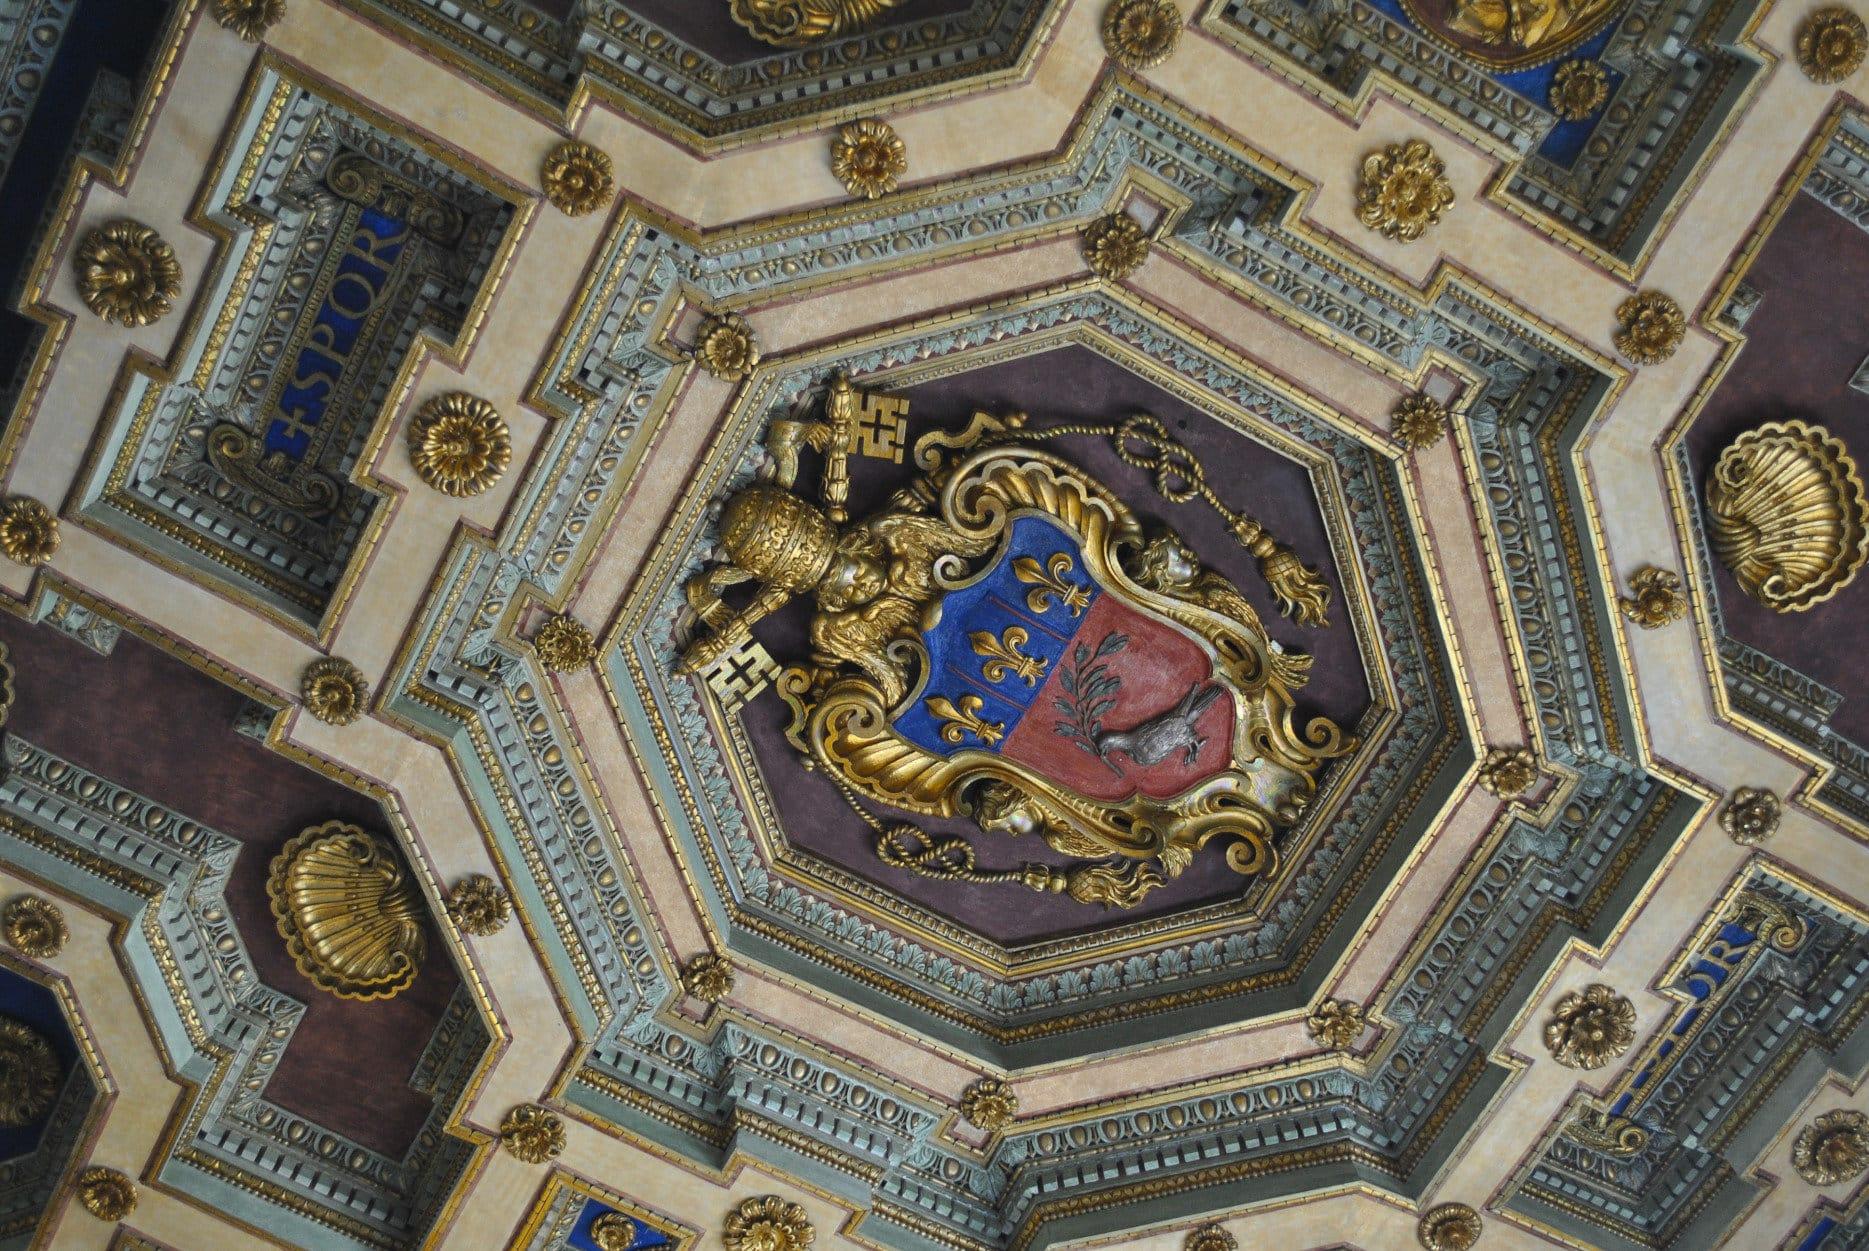 Capitoline Museum of Rome